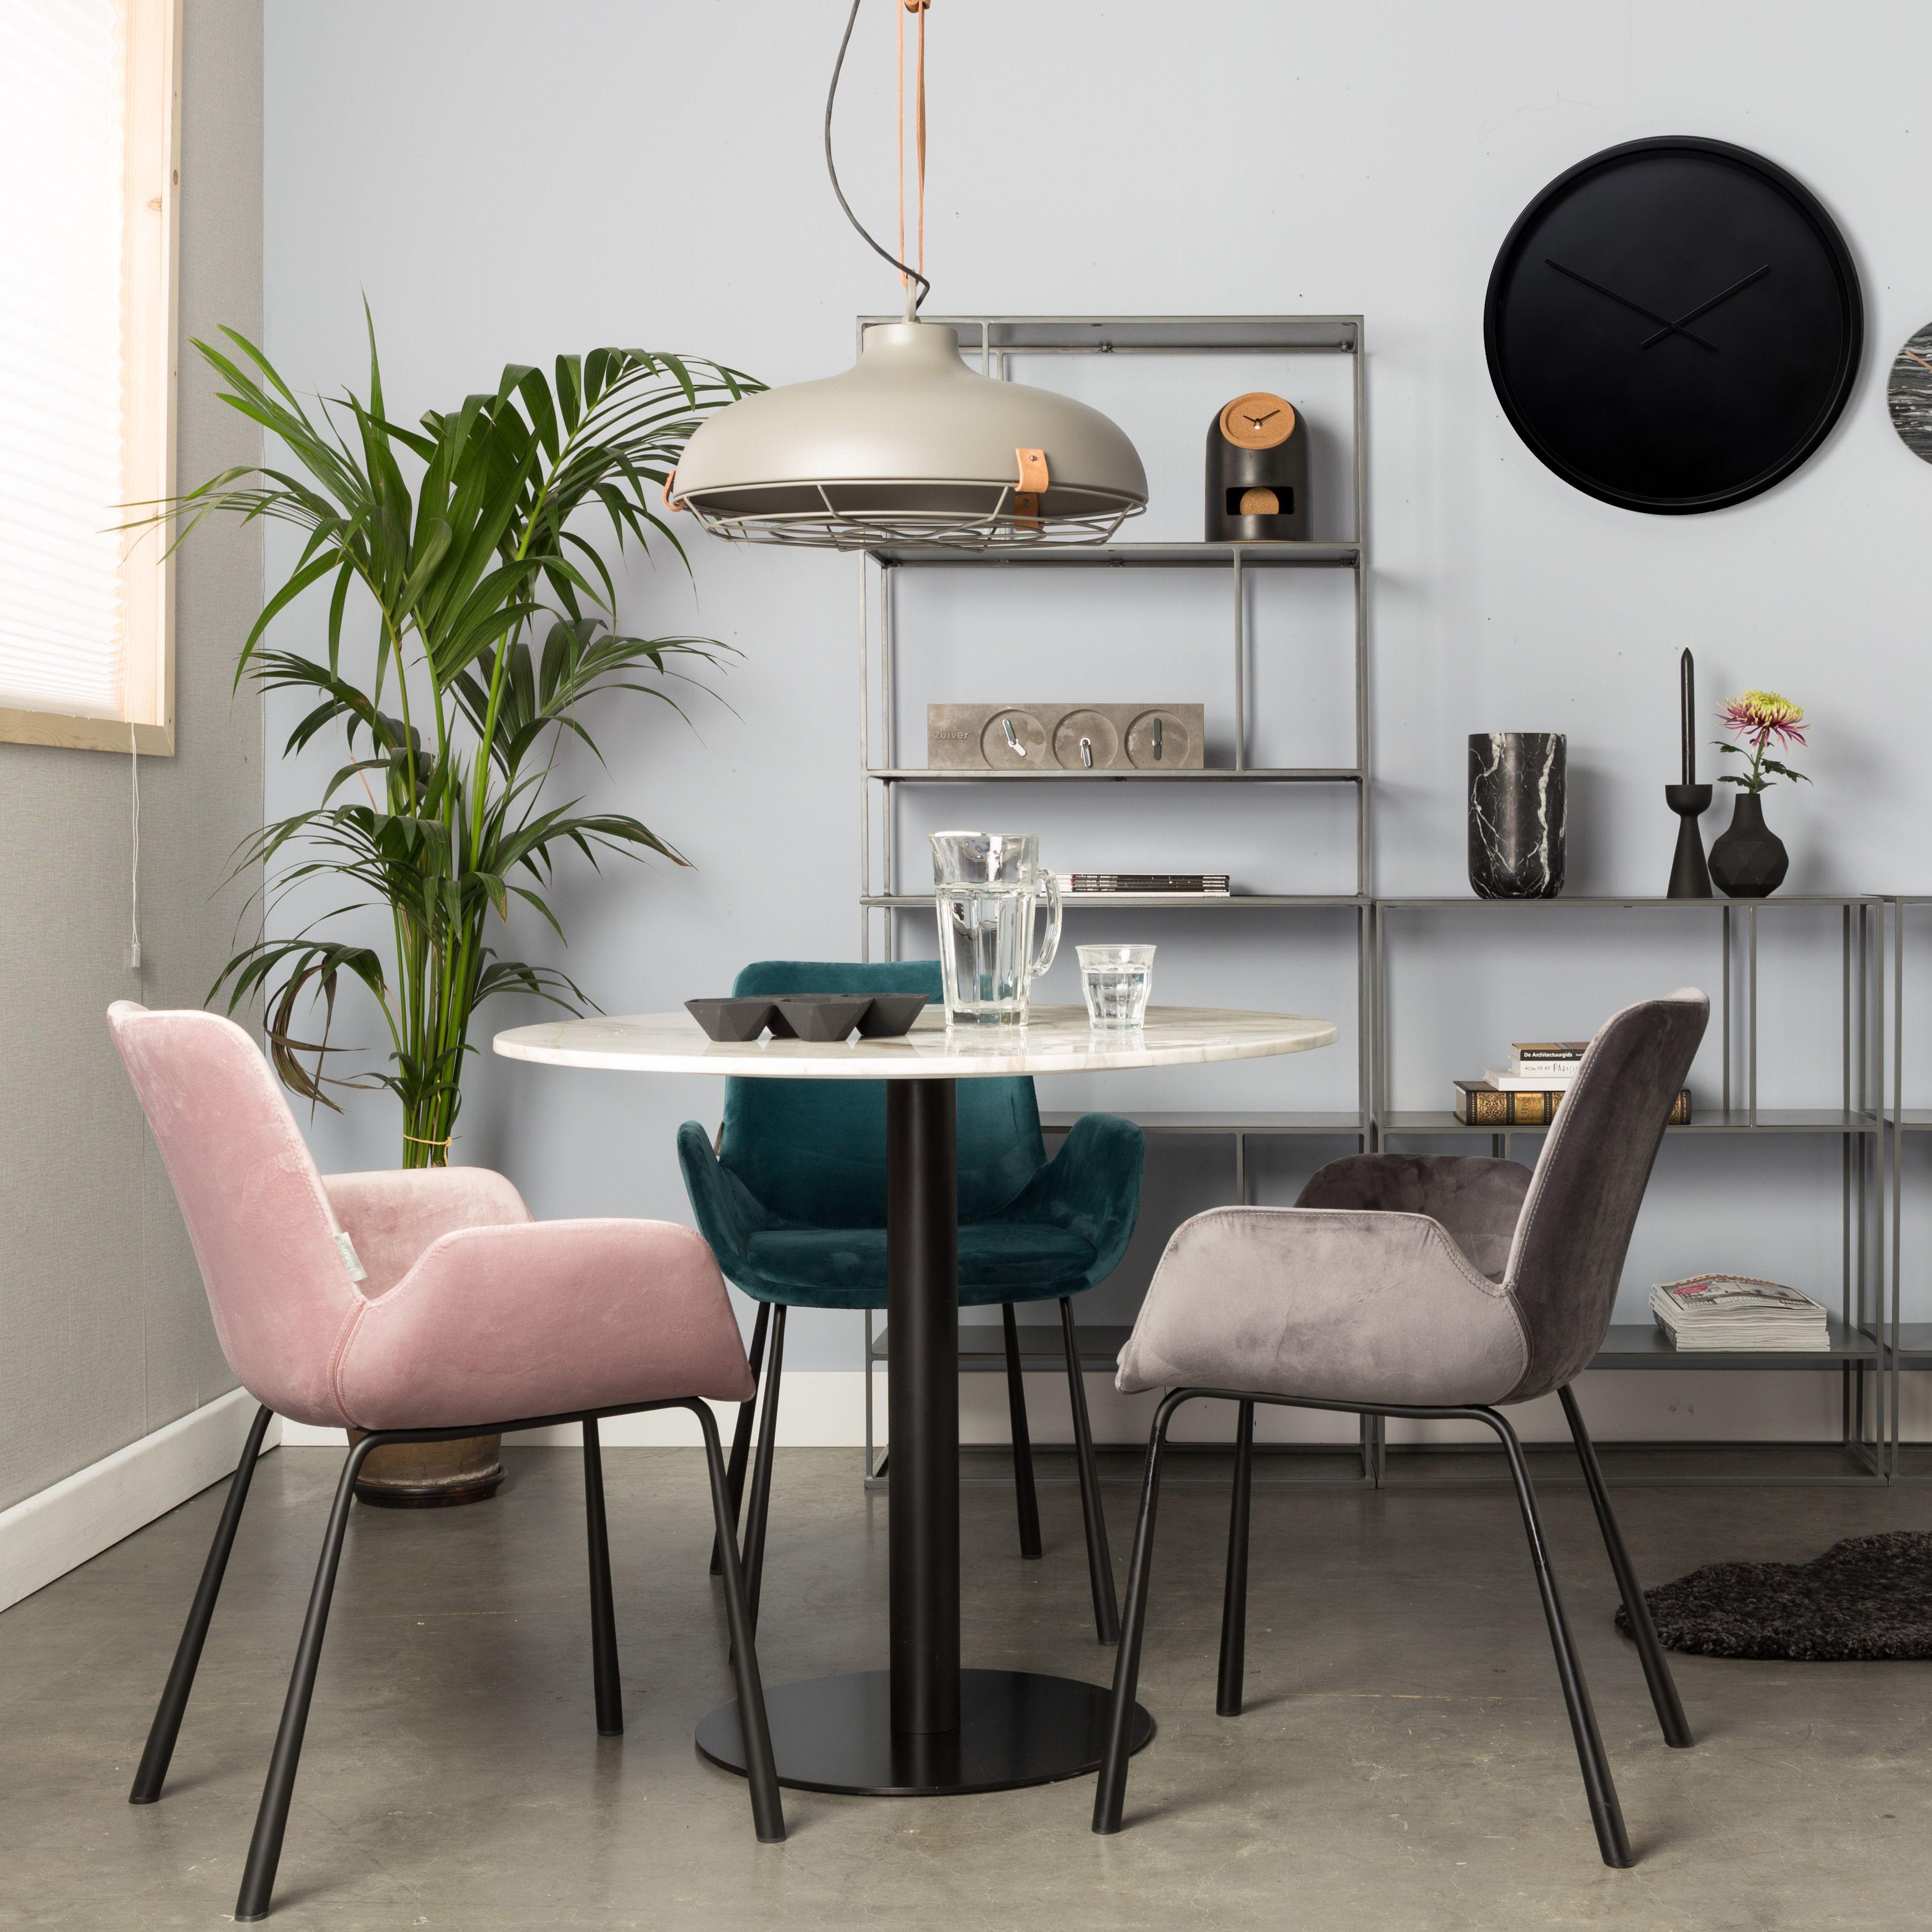 Zuiver Brit Armstoel - Fluwelen stoelen, Stoelen en Eetkamer